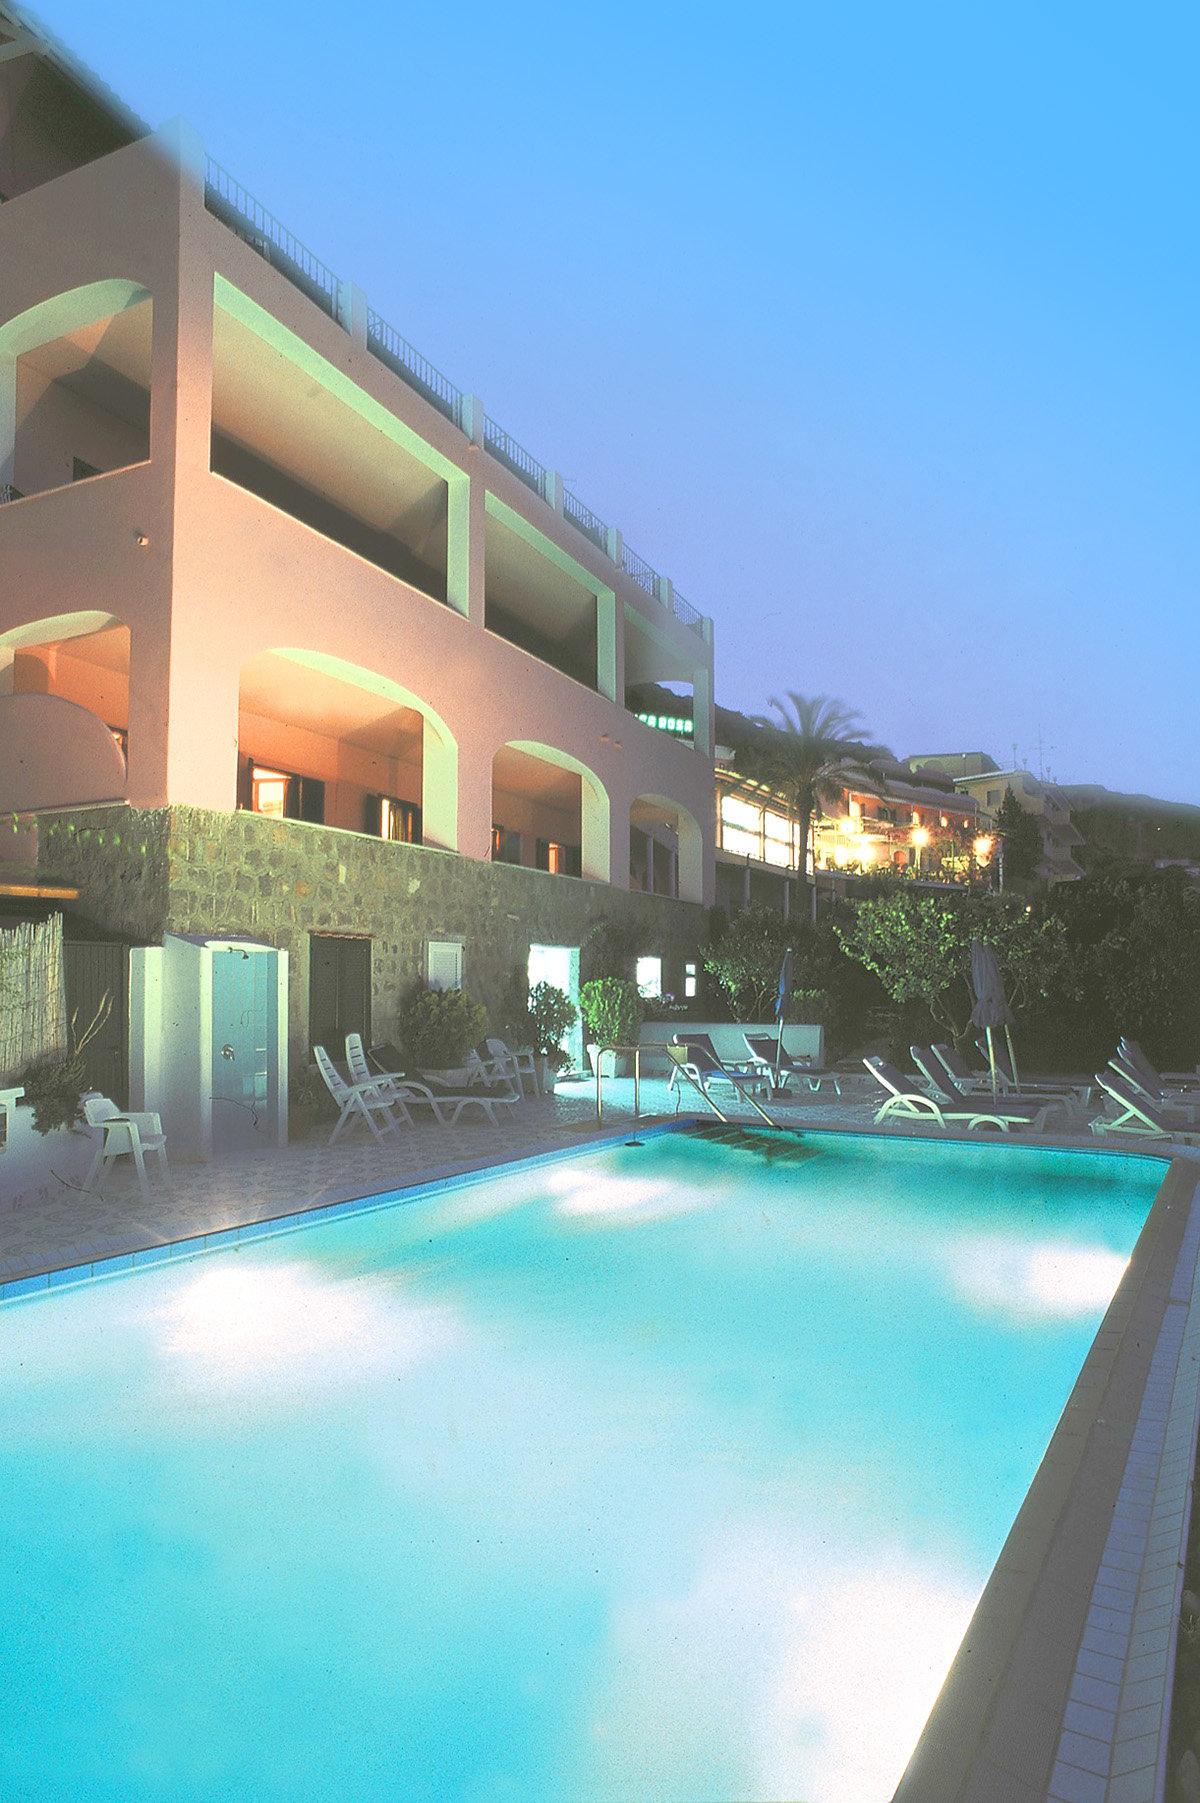 hotel terme casa rosa ischia it lie z jezdy recenze